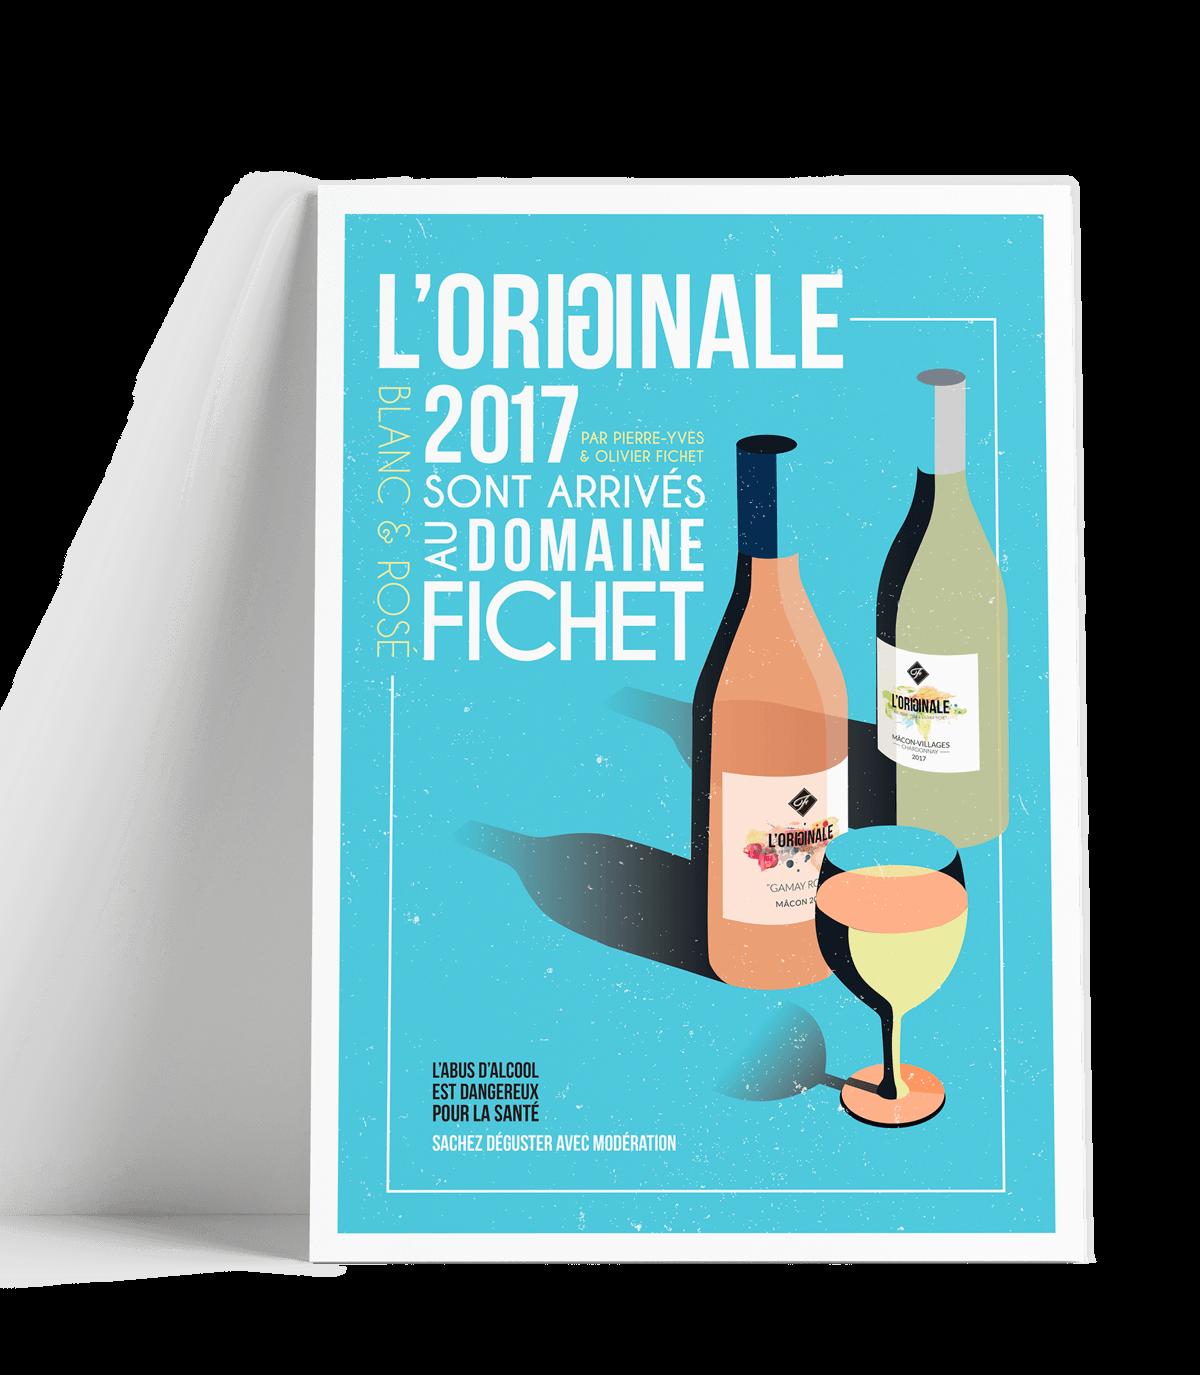 Affiche L'Originale 2017 Domaine Fichet